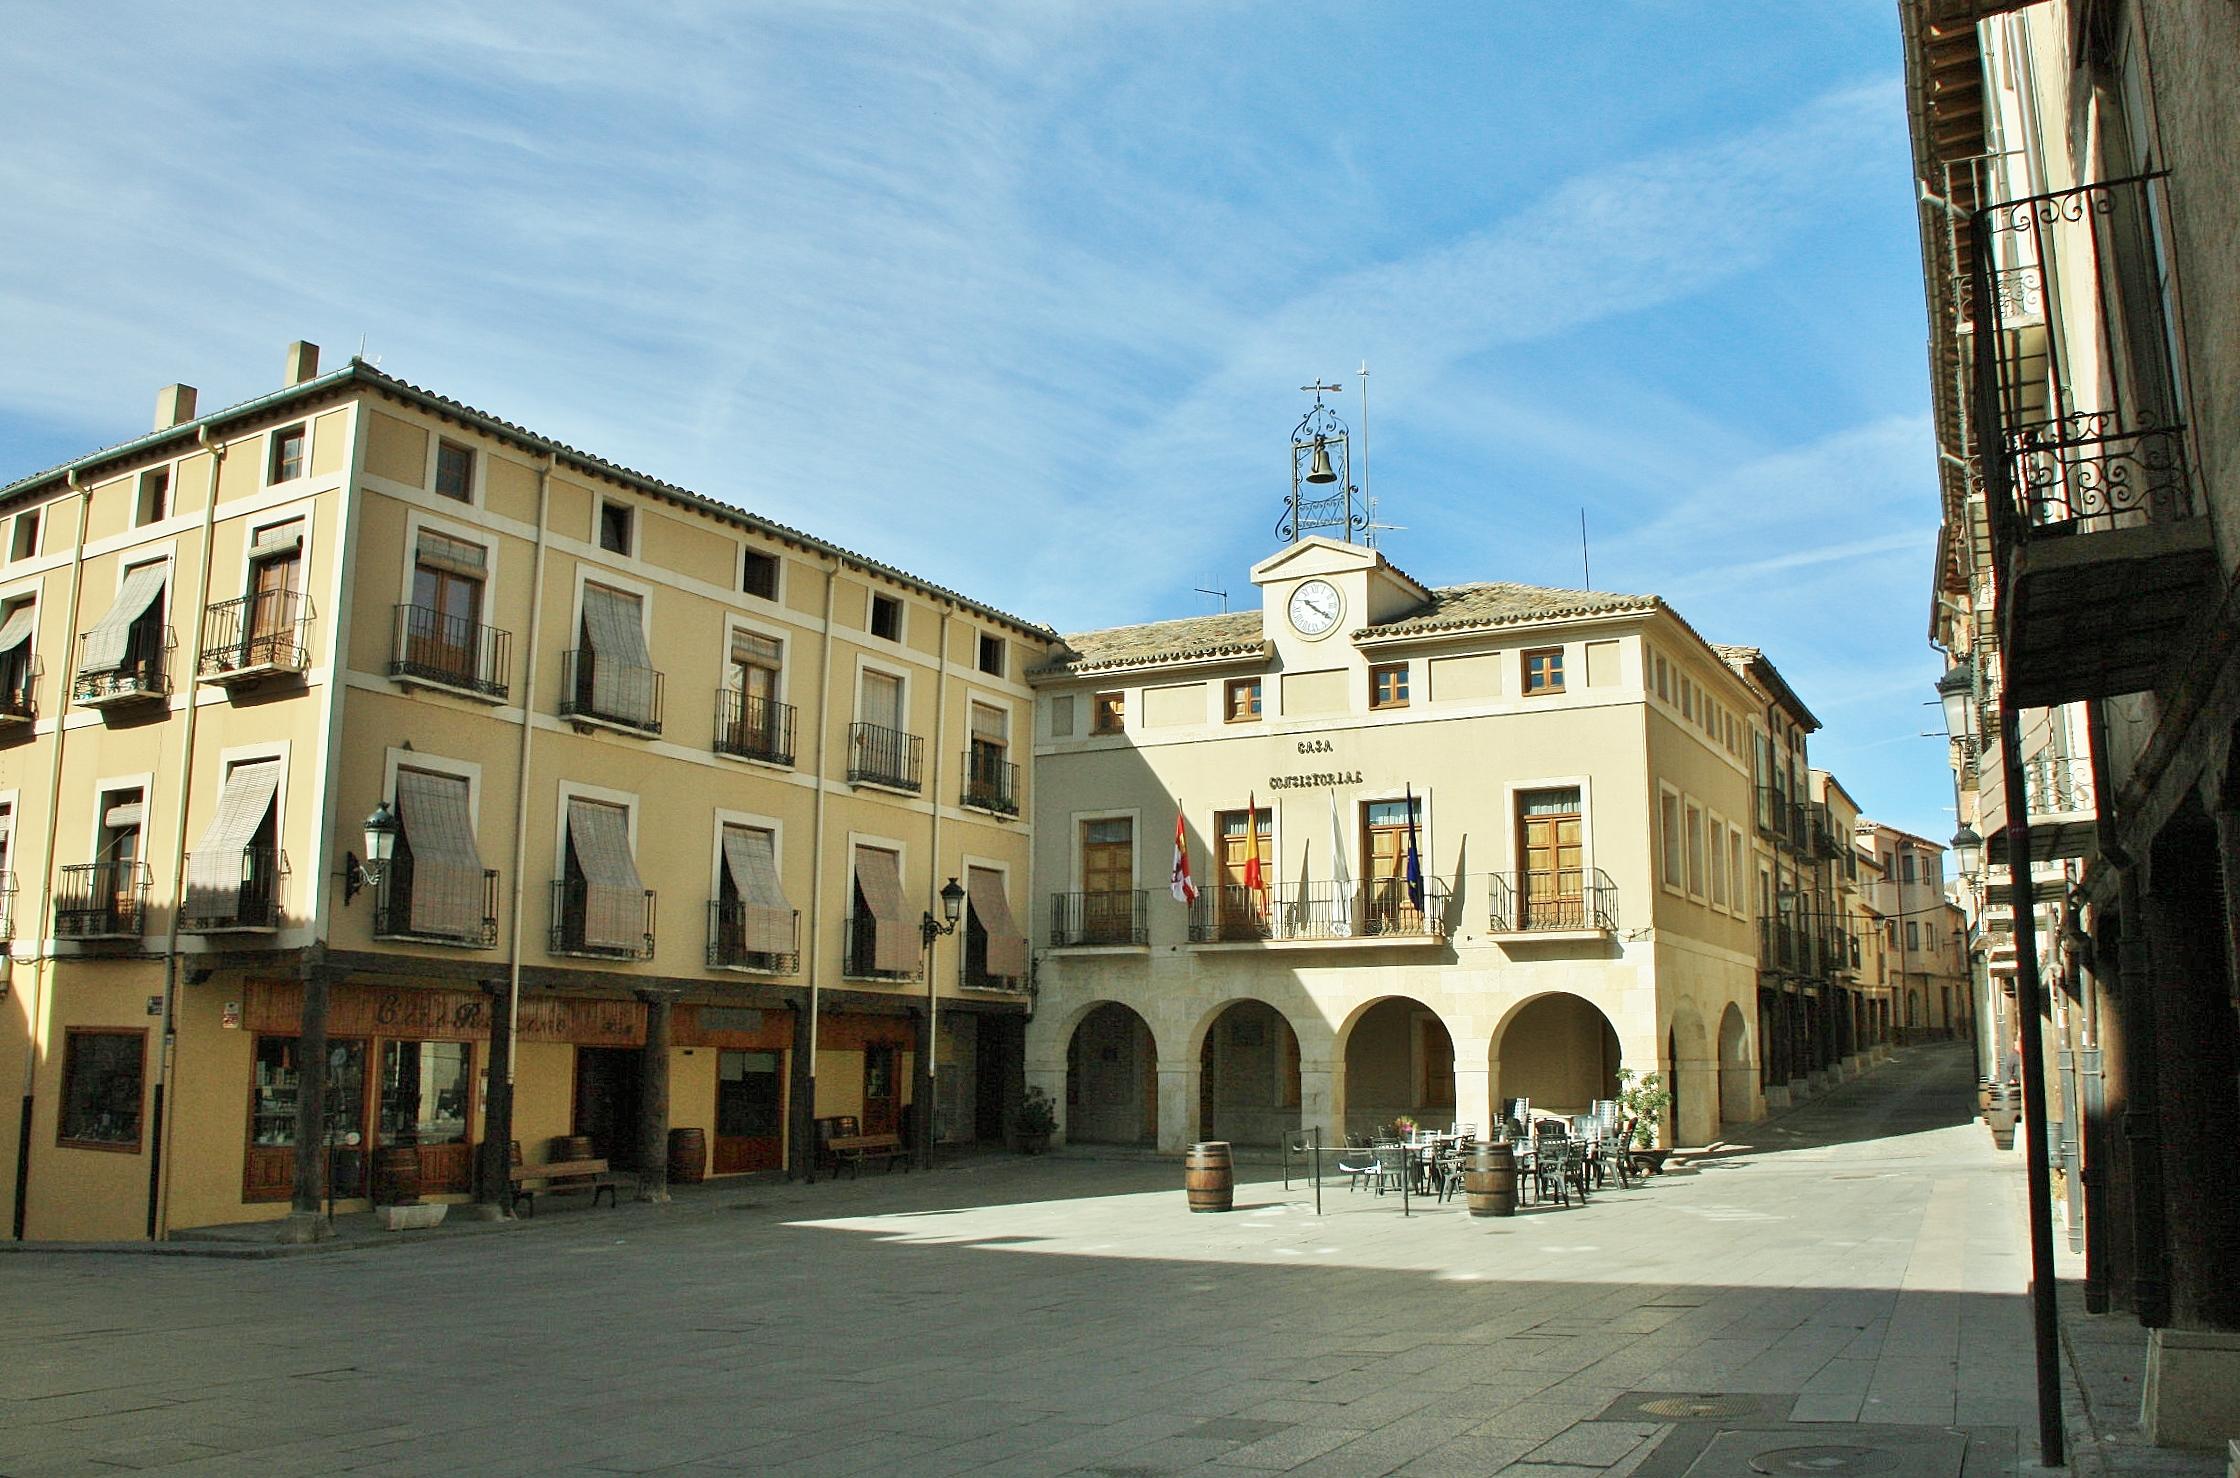 Foto centro hist rico san esteban de gormaz soria espa a - Centro historico de madrid ...